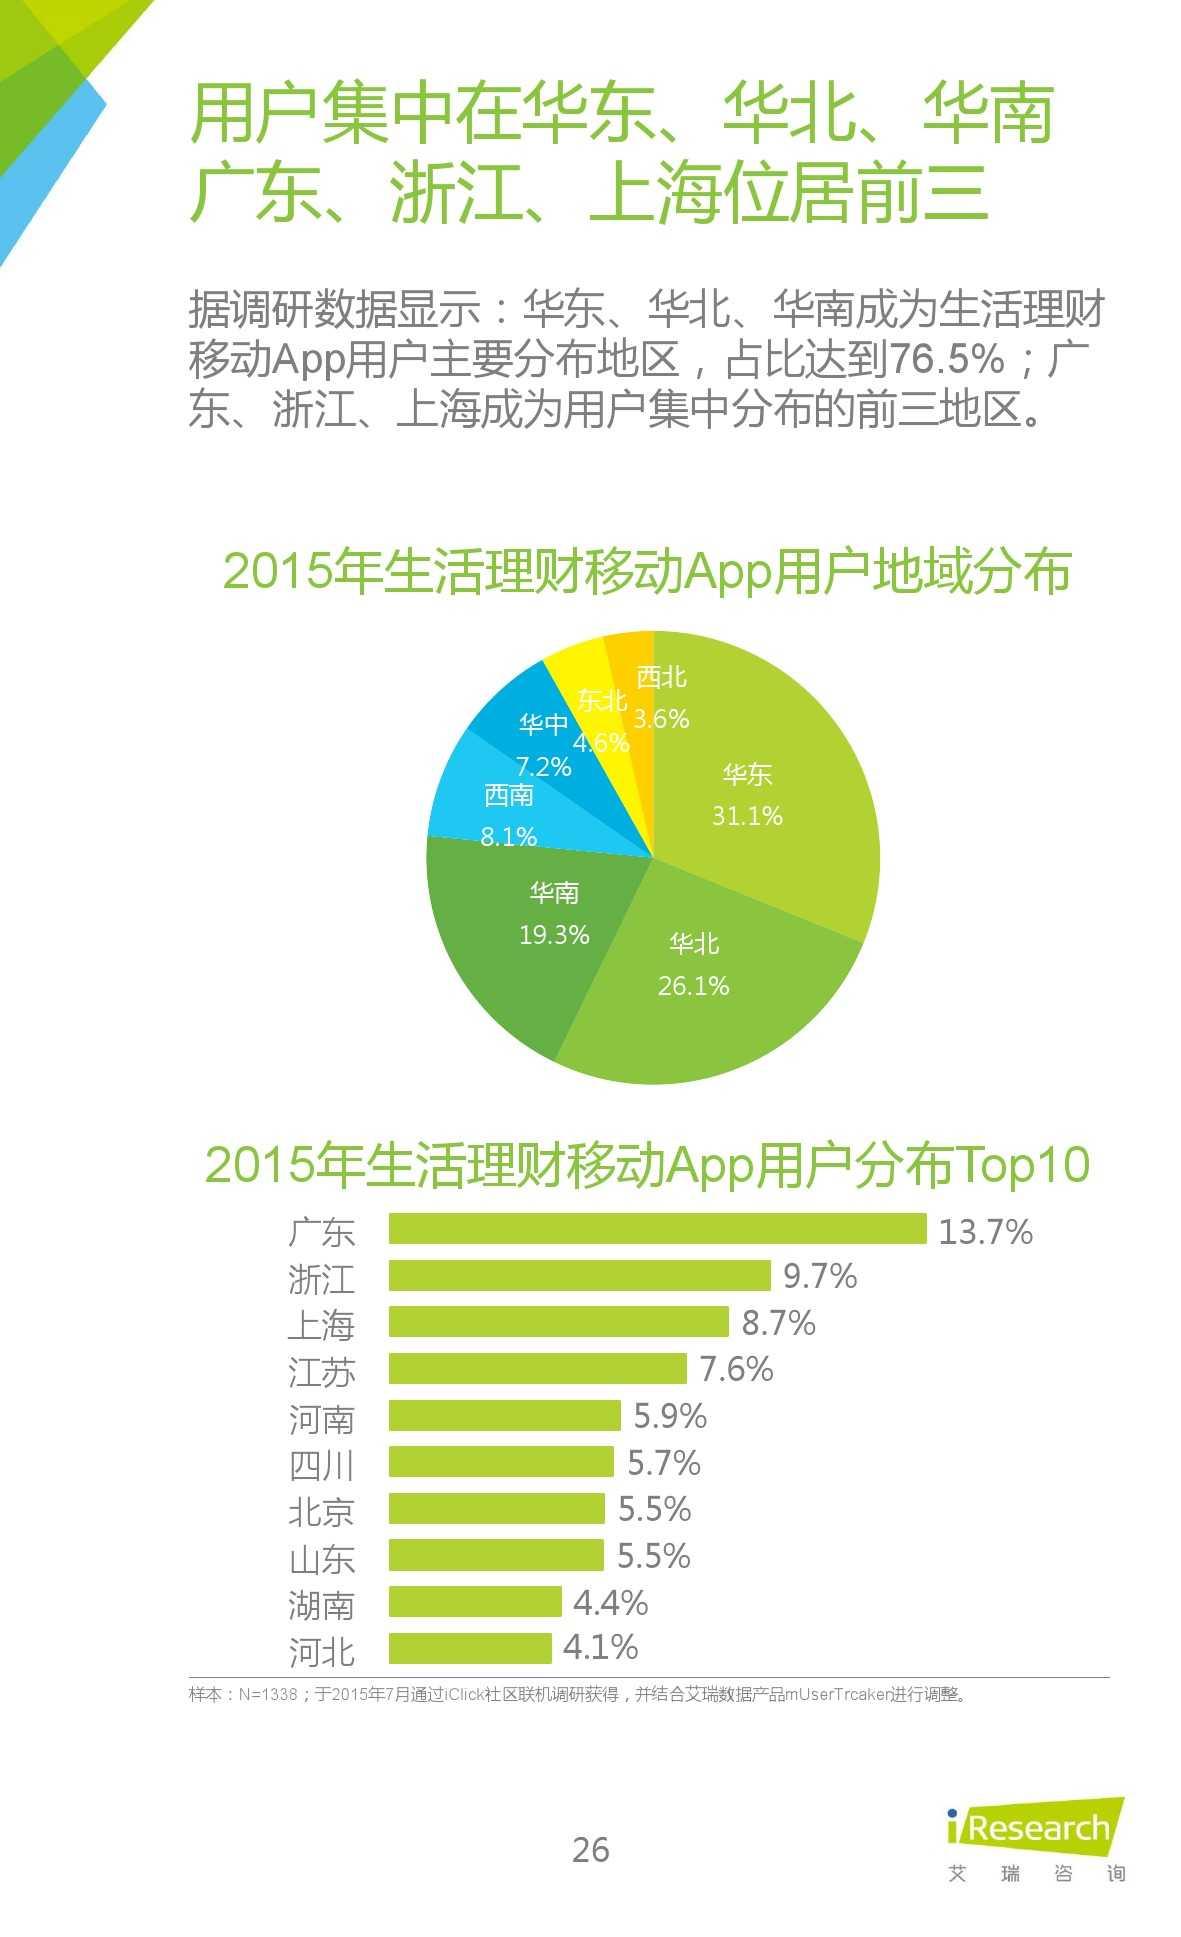 2015年中国生活理财移动App行业研究报告_000026